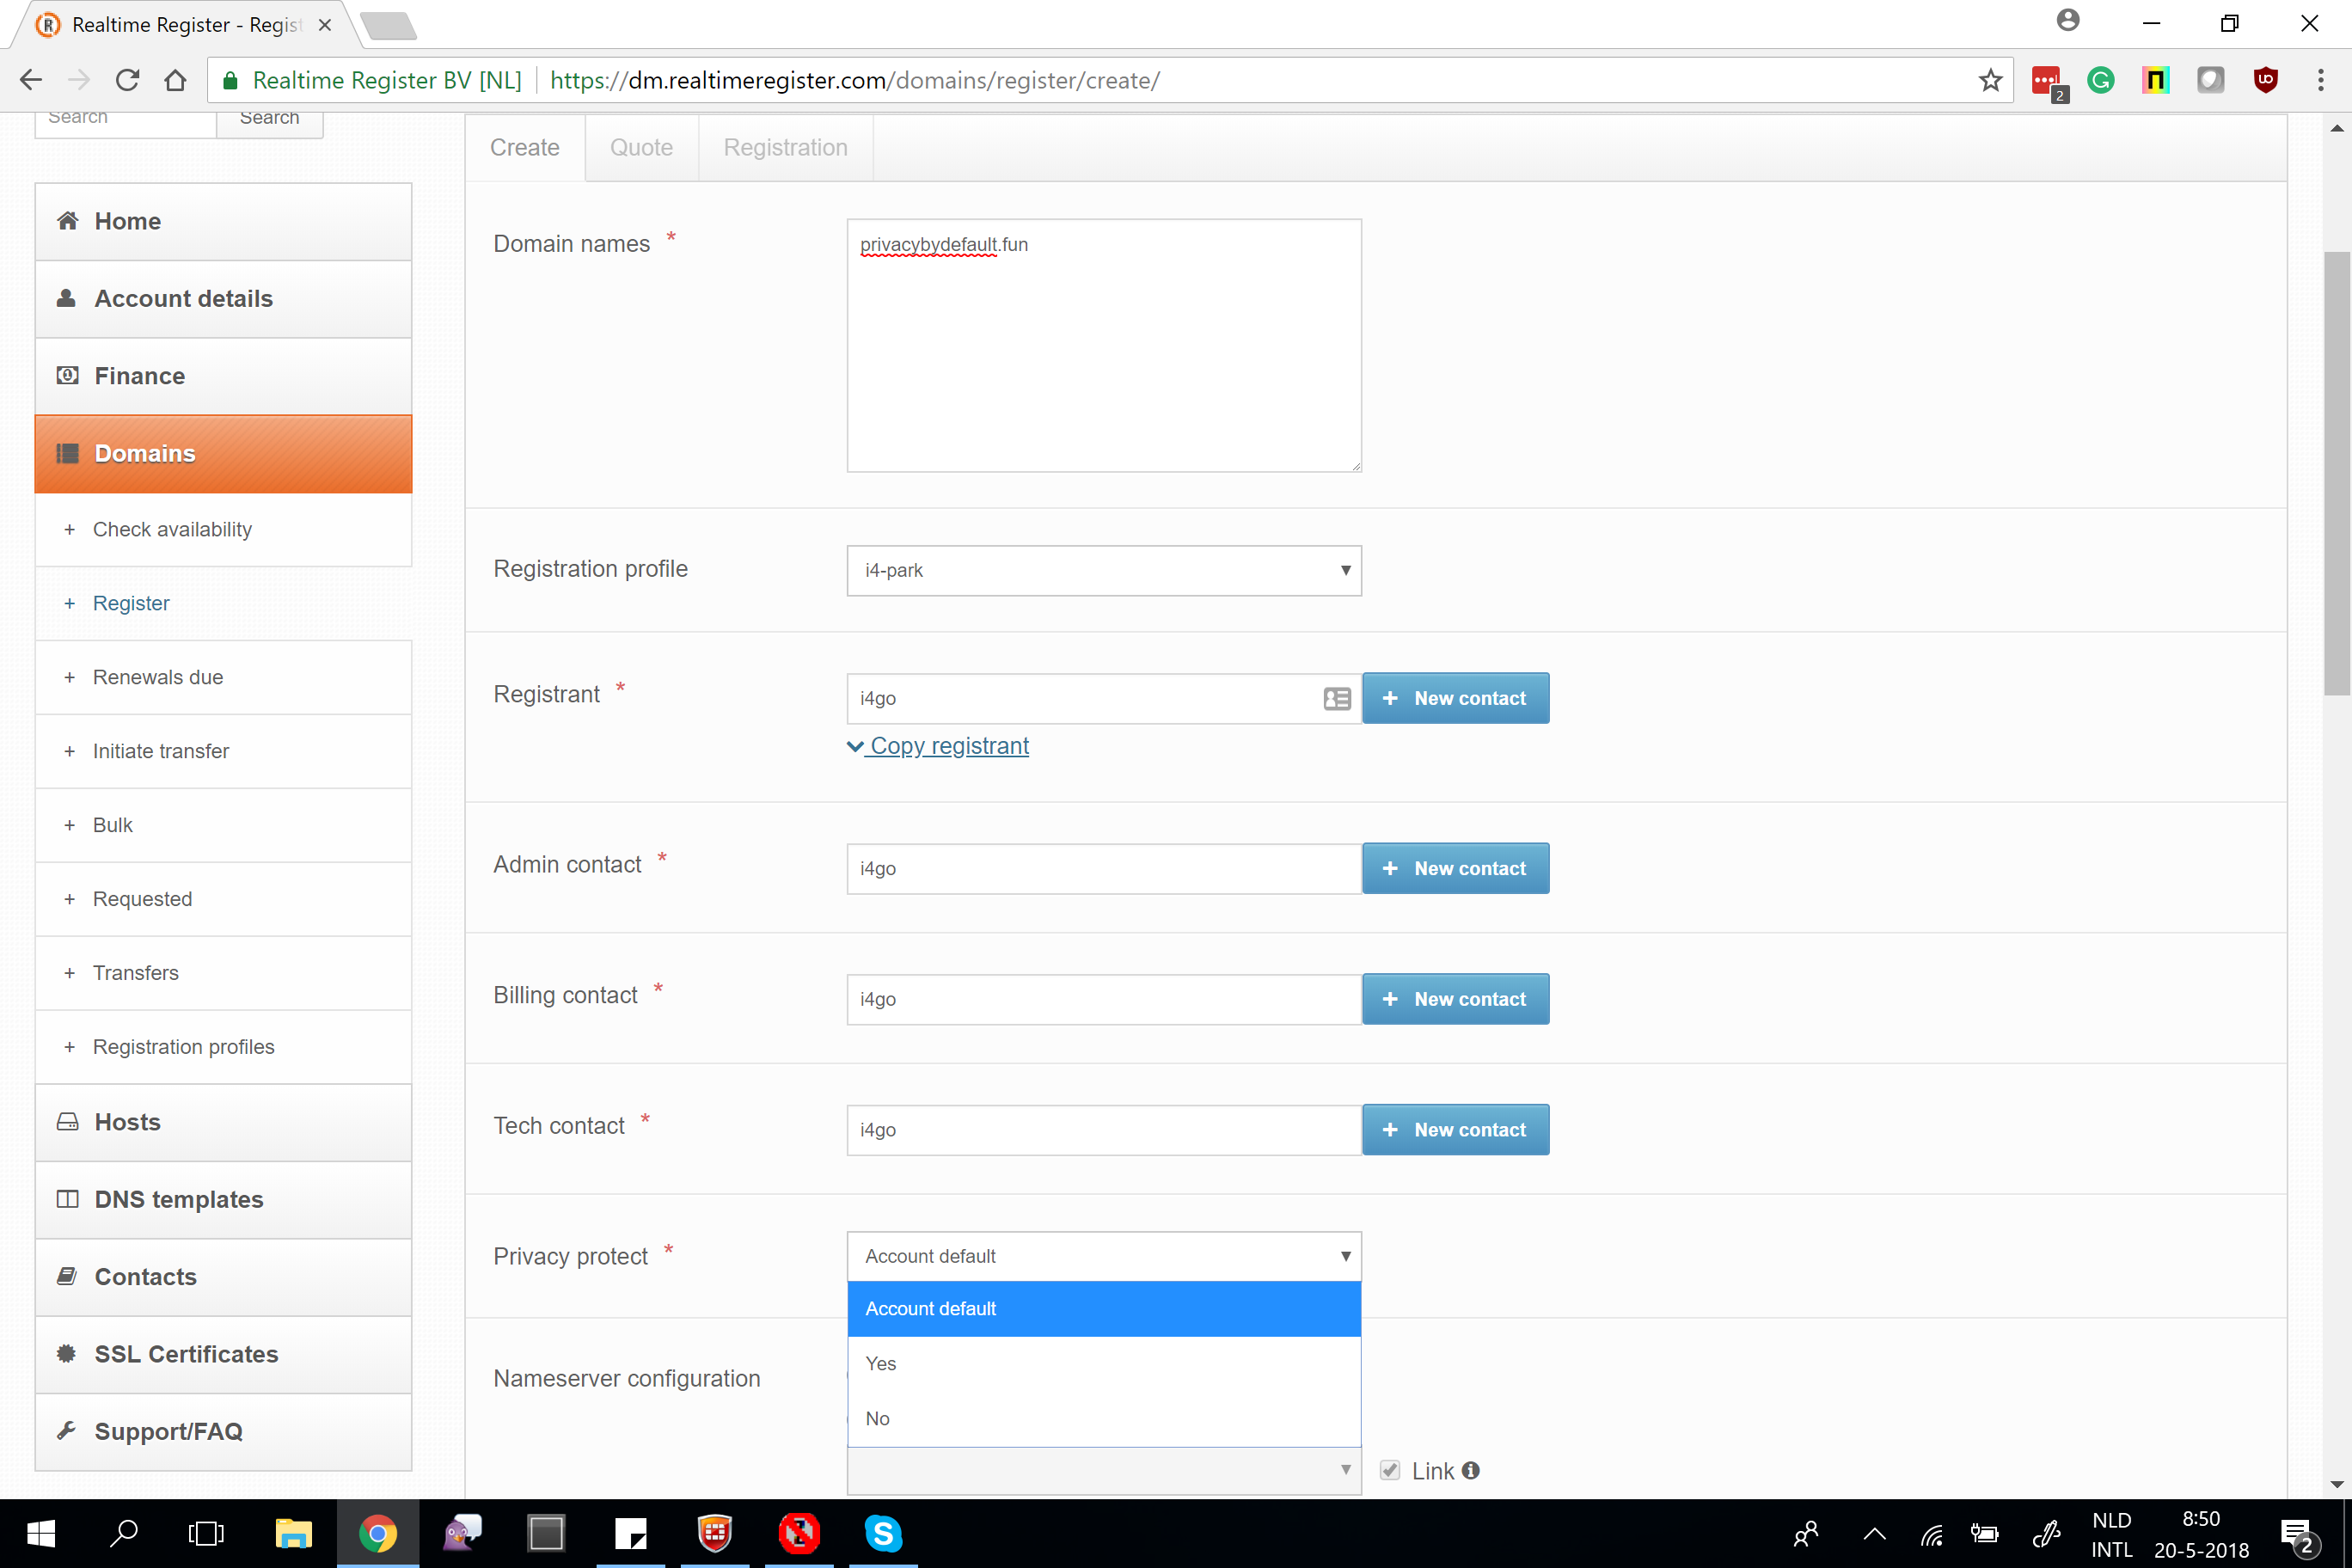 Realtime Register Blog